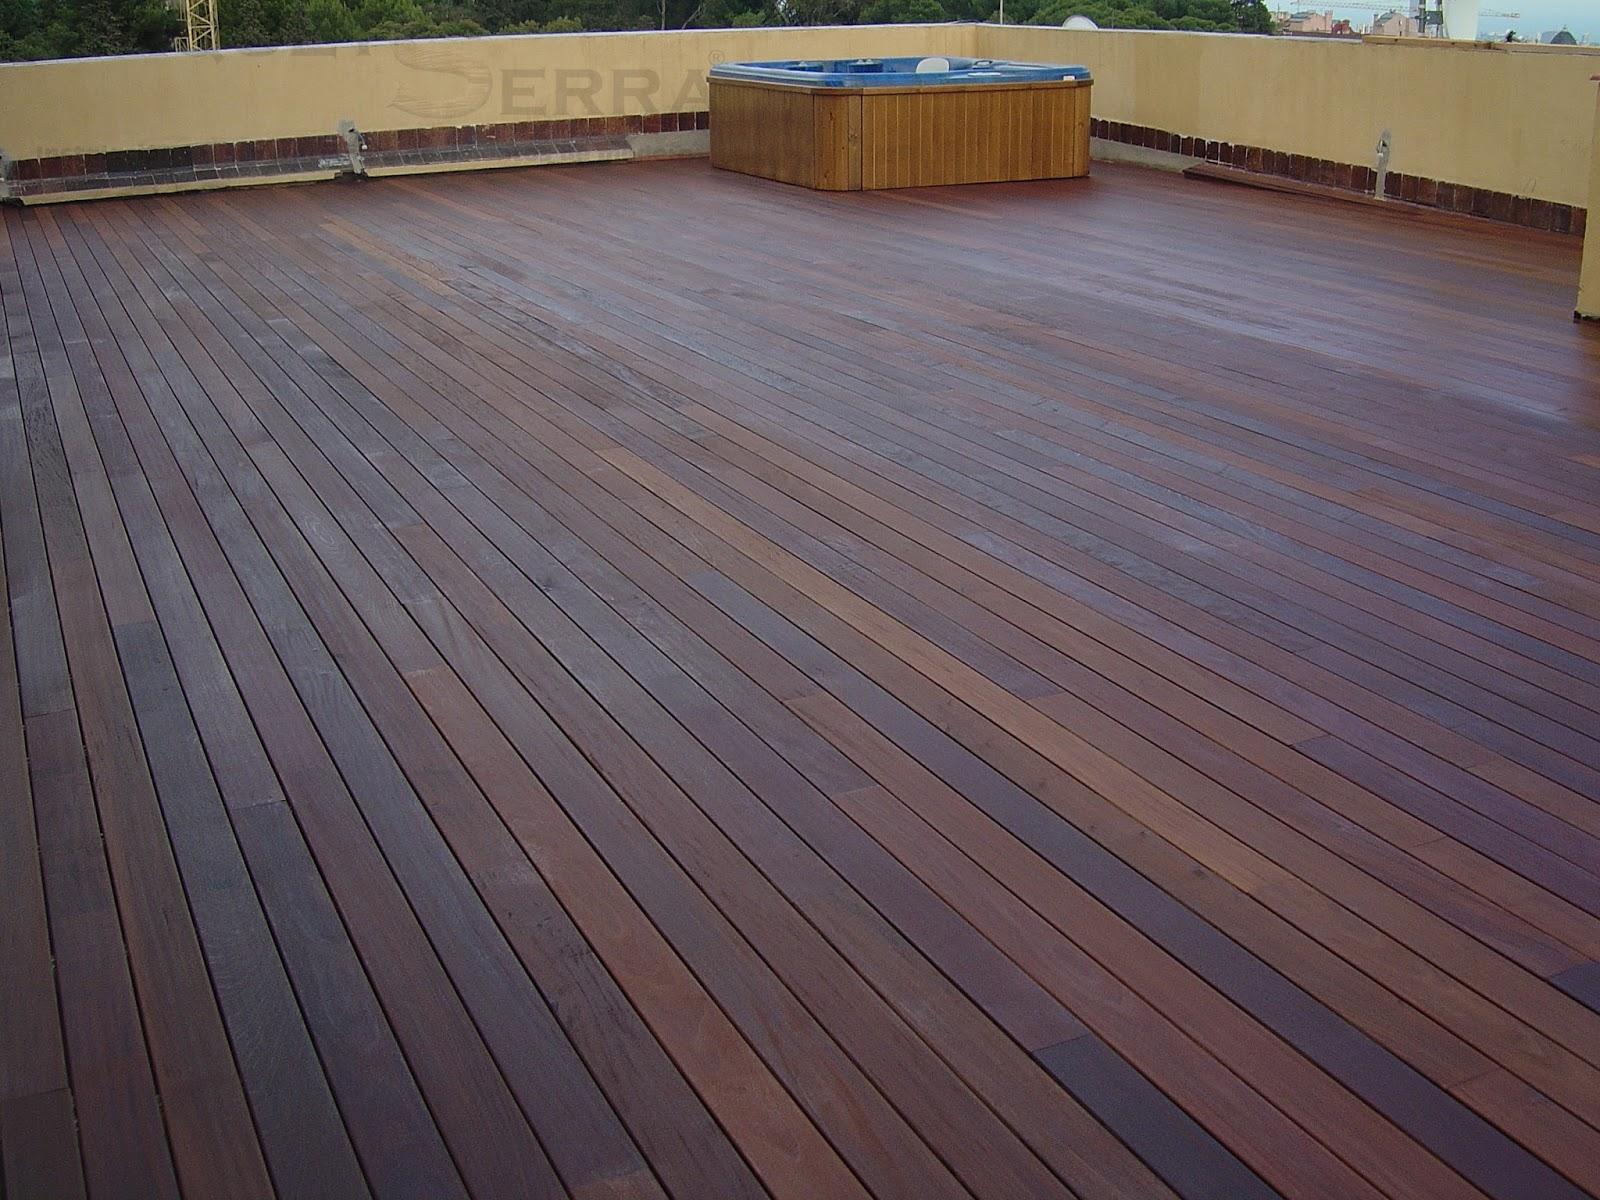 Suelos para exterior baratos awesome suelos de madera - Suelo barato interior ...